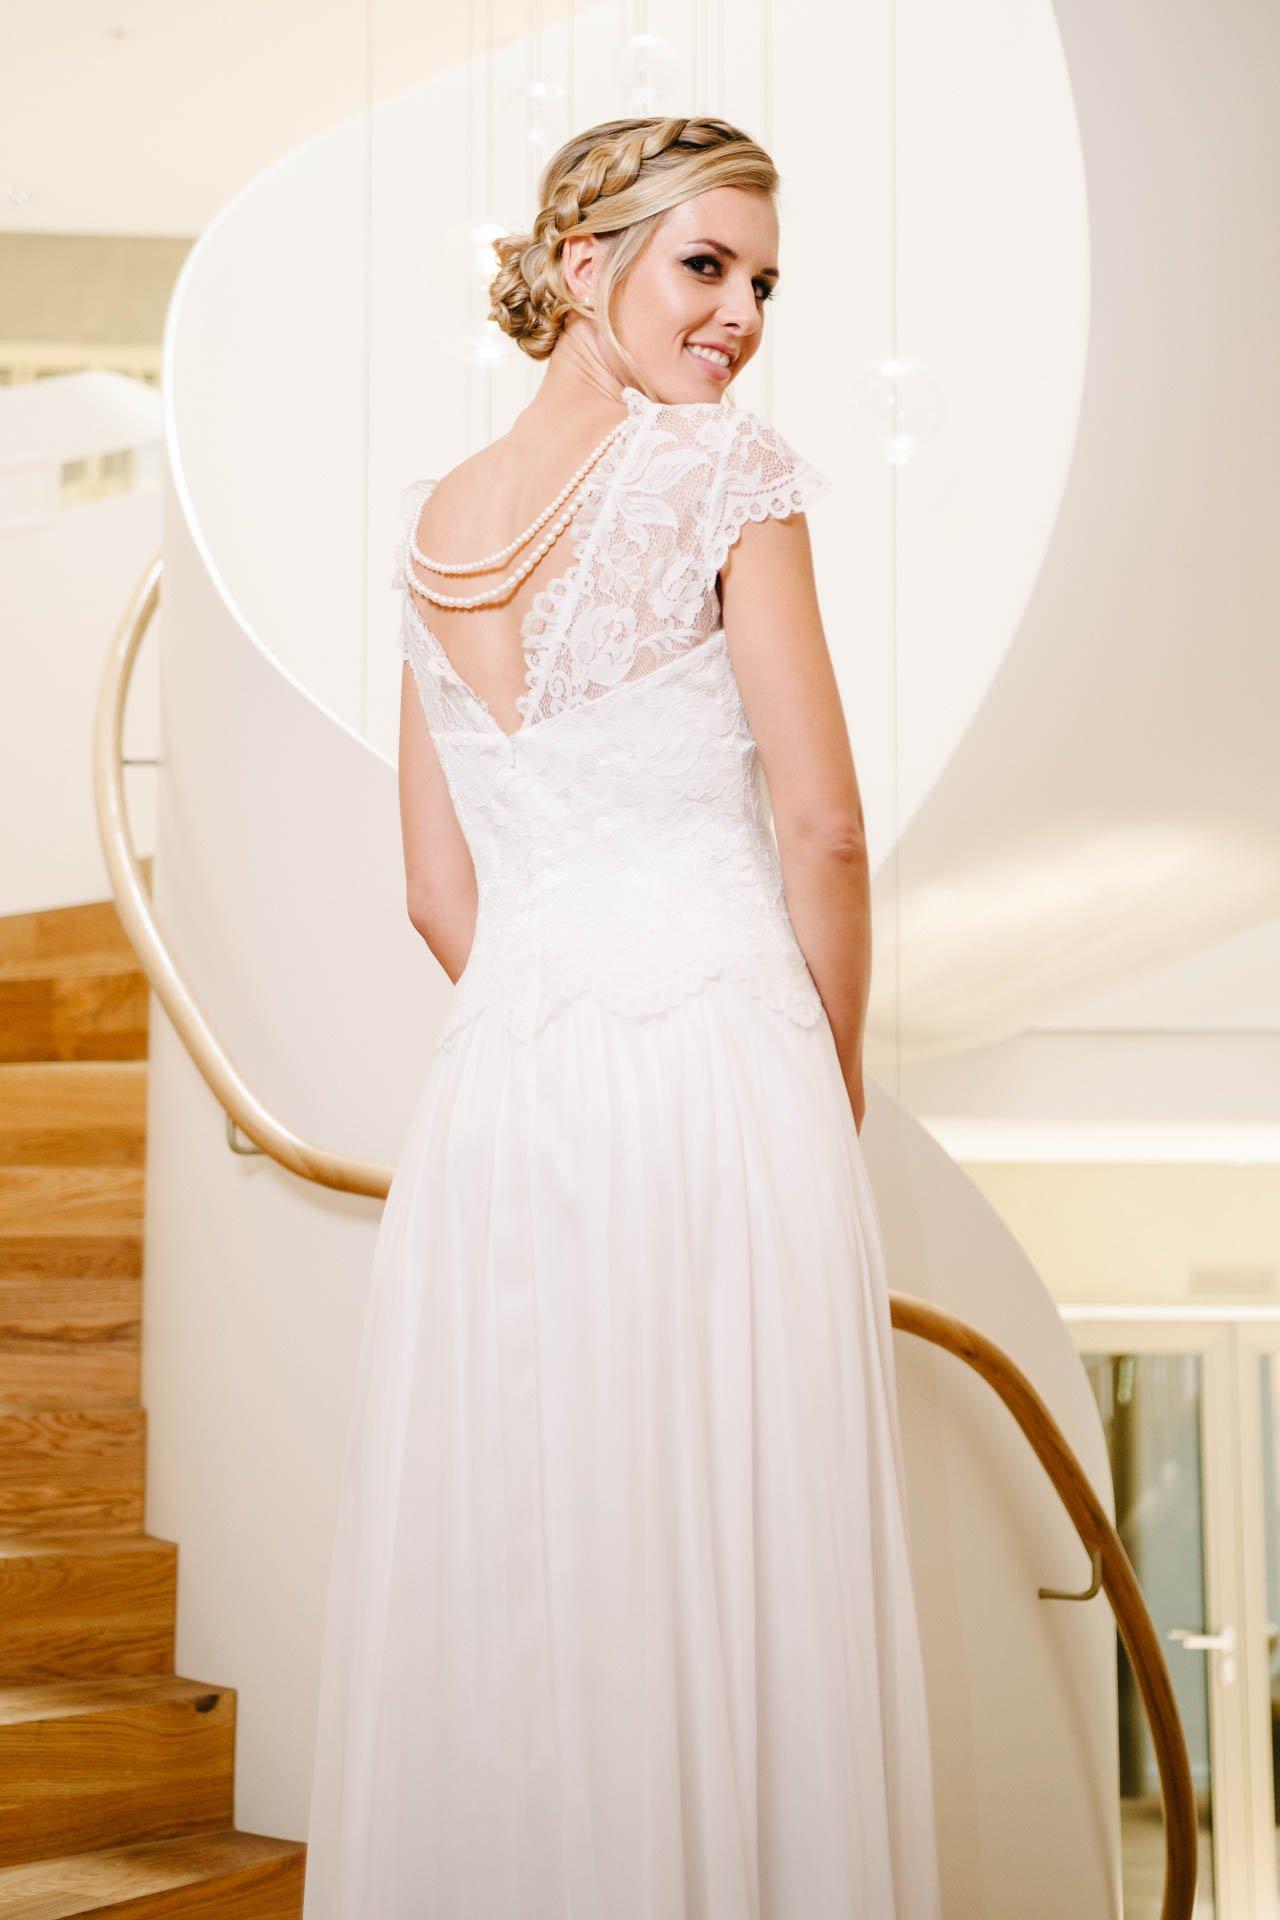 Vintage Hochzeitskleid mit Flügelarm, Spitzencorsage & mehr!